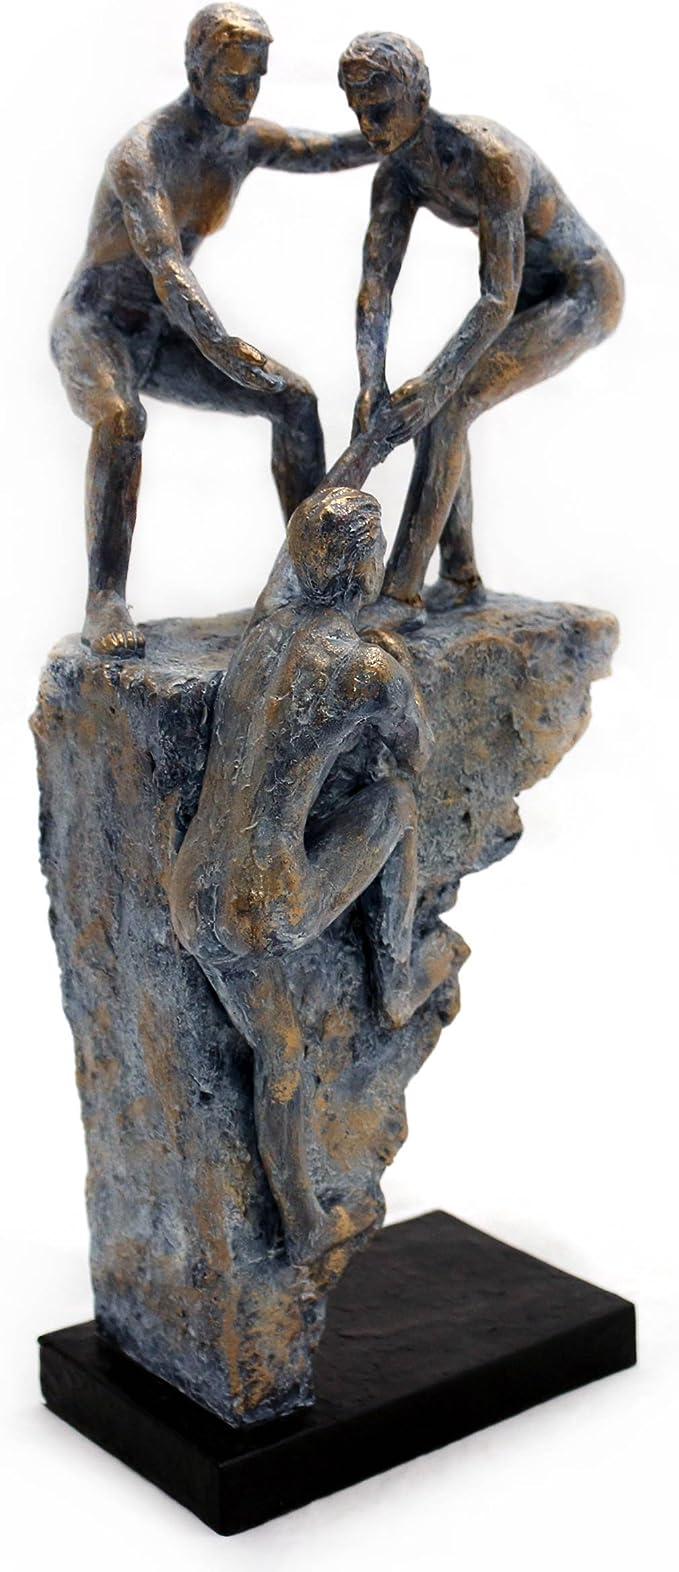 3x Winter Figuren Fenster Bank Glitzer Deko Weihnachts Geschenke Mann Statuen